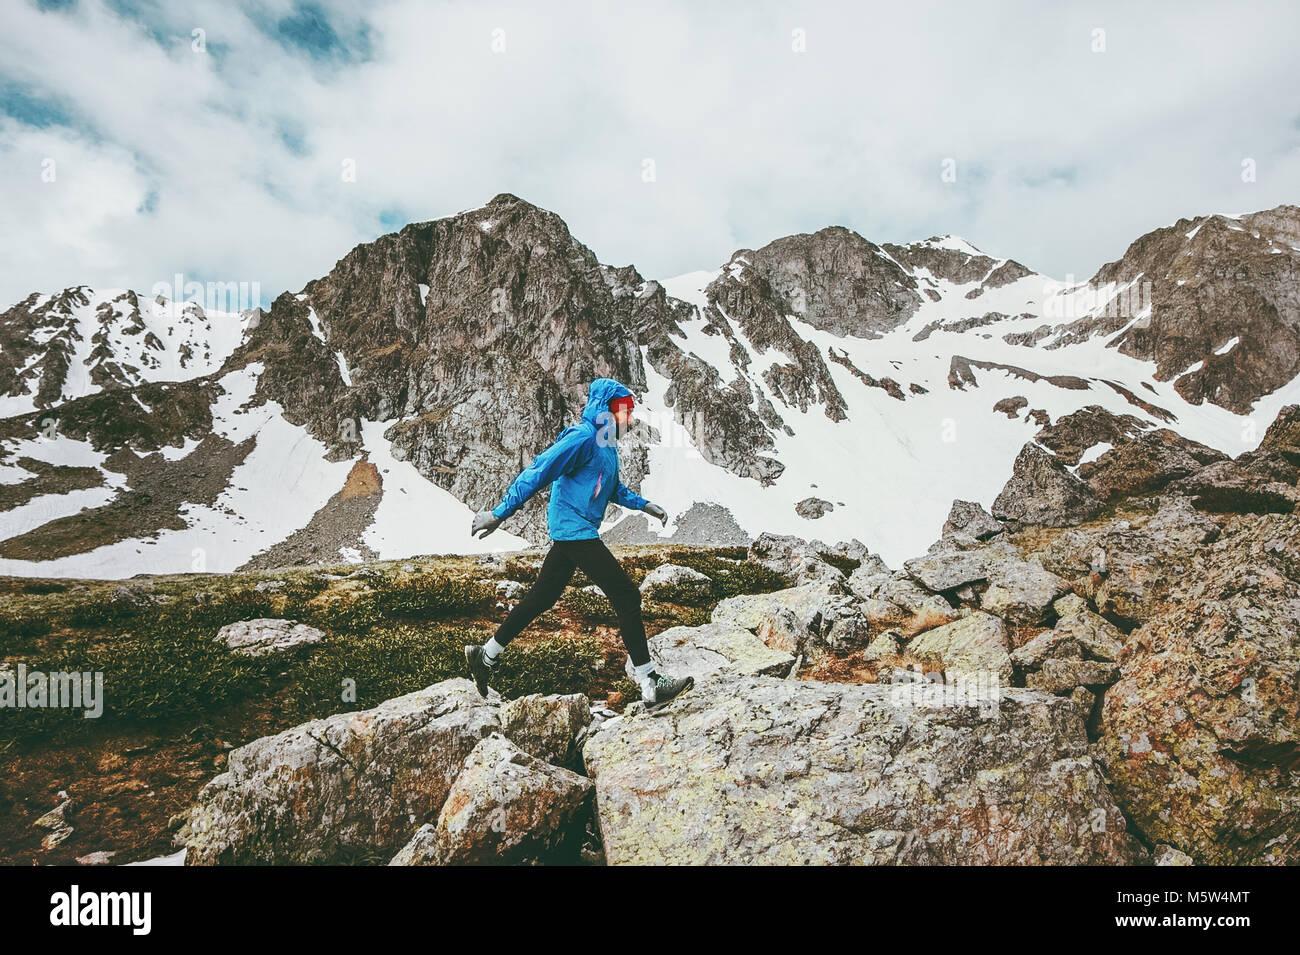 Laufender Mann in den Bergen reisen Abenteuer gesunder Lebensstil Konzept Ferien skyrunning Sport Stockbild